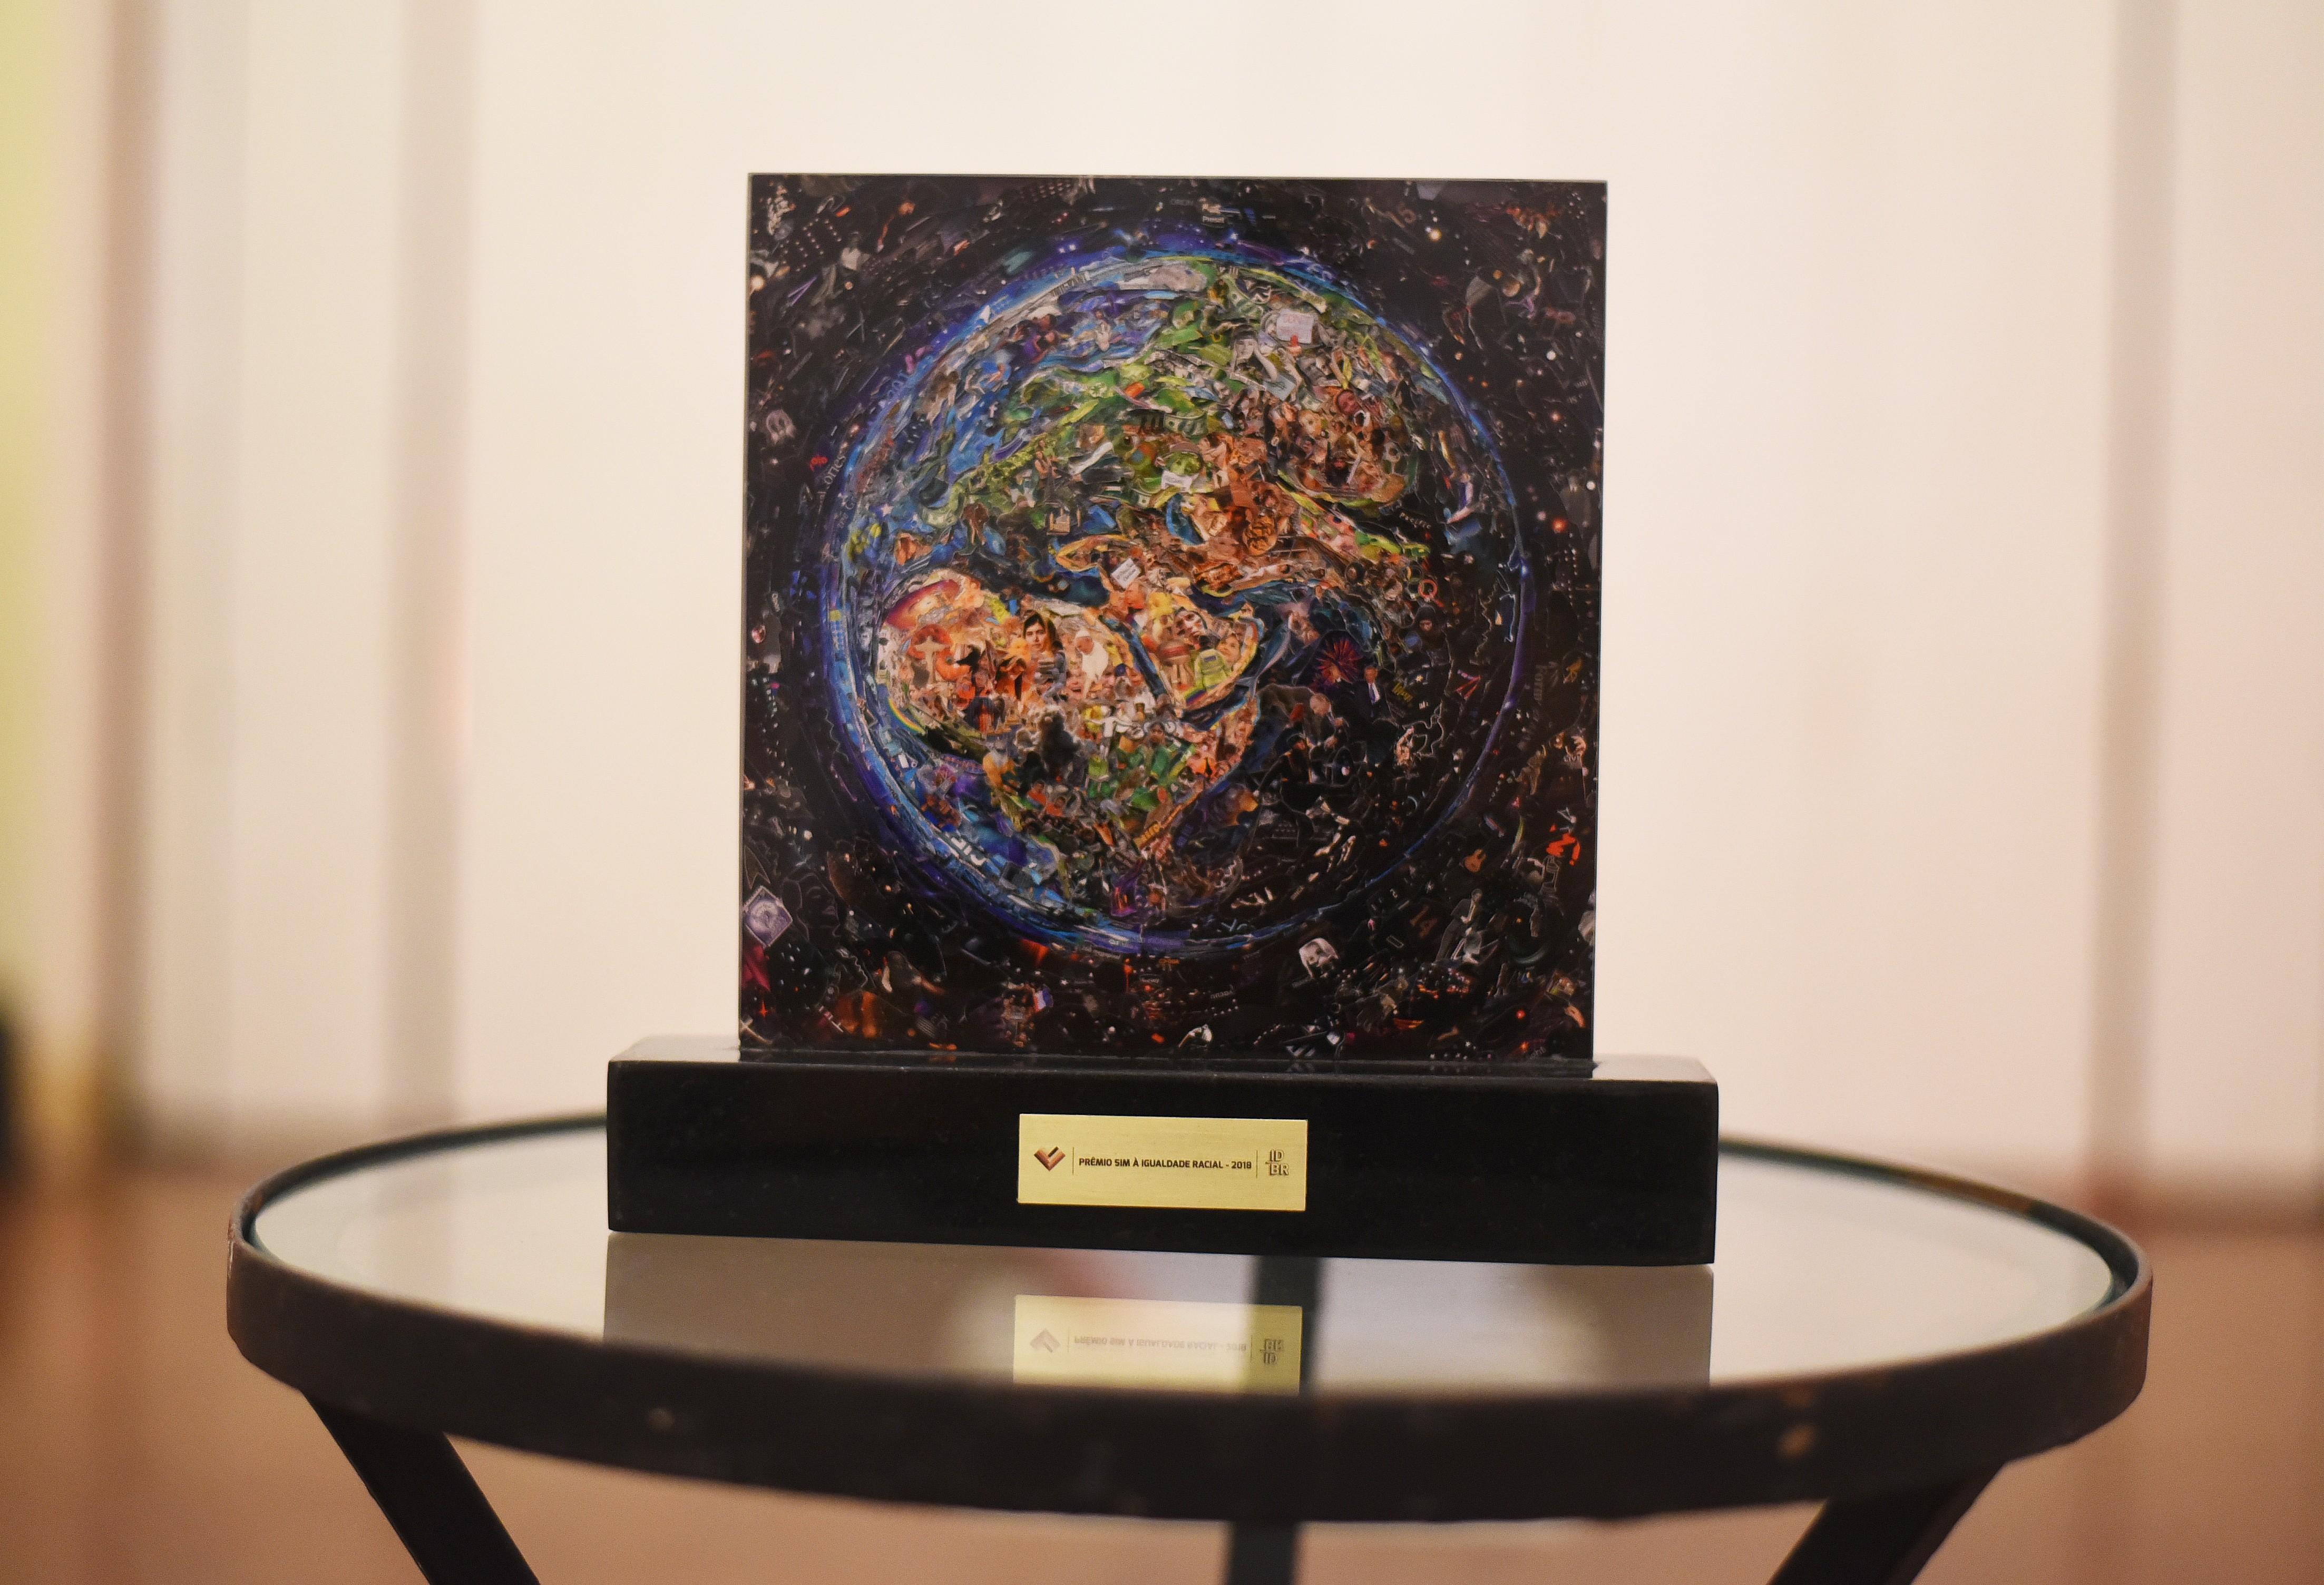 A estatueta do prêmio foi desenhada por Vik Muniz